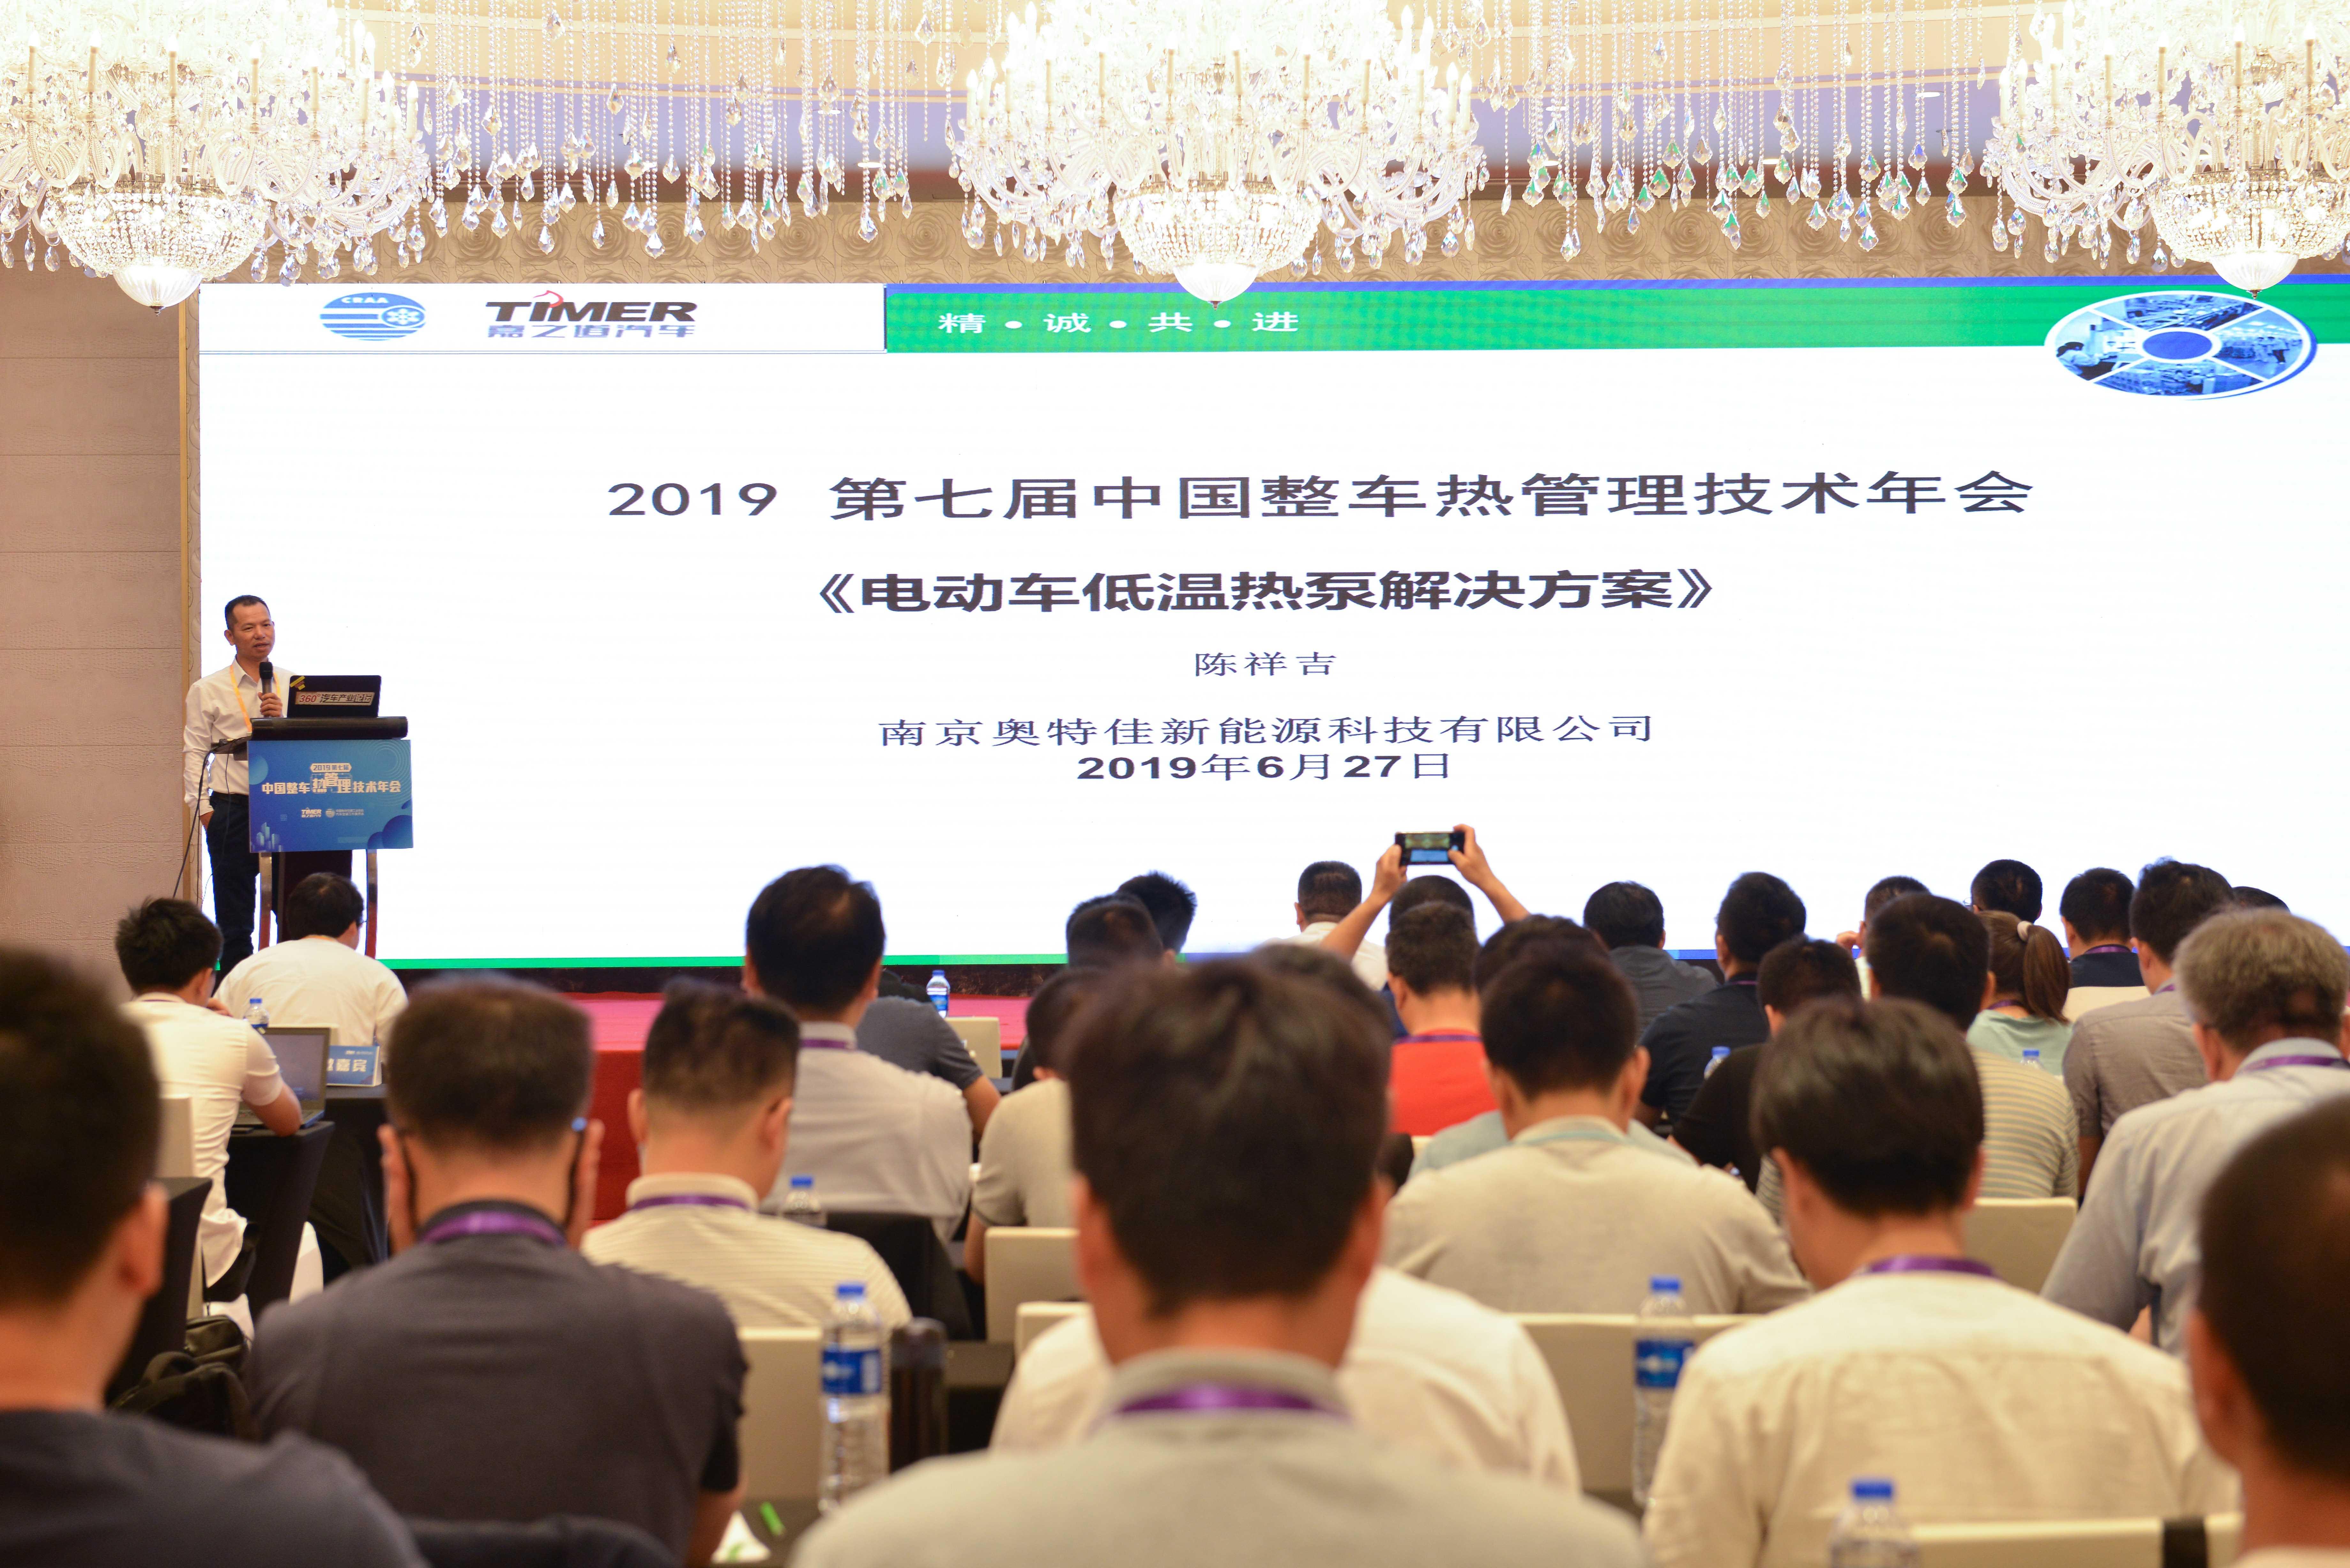 2019第七届中国整车热管理技术年会圆满闭幕2